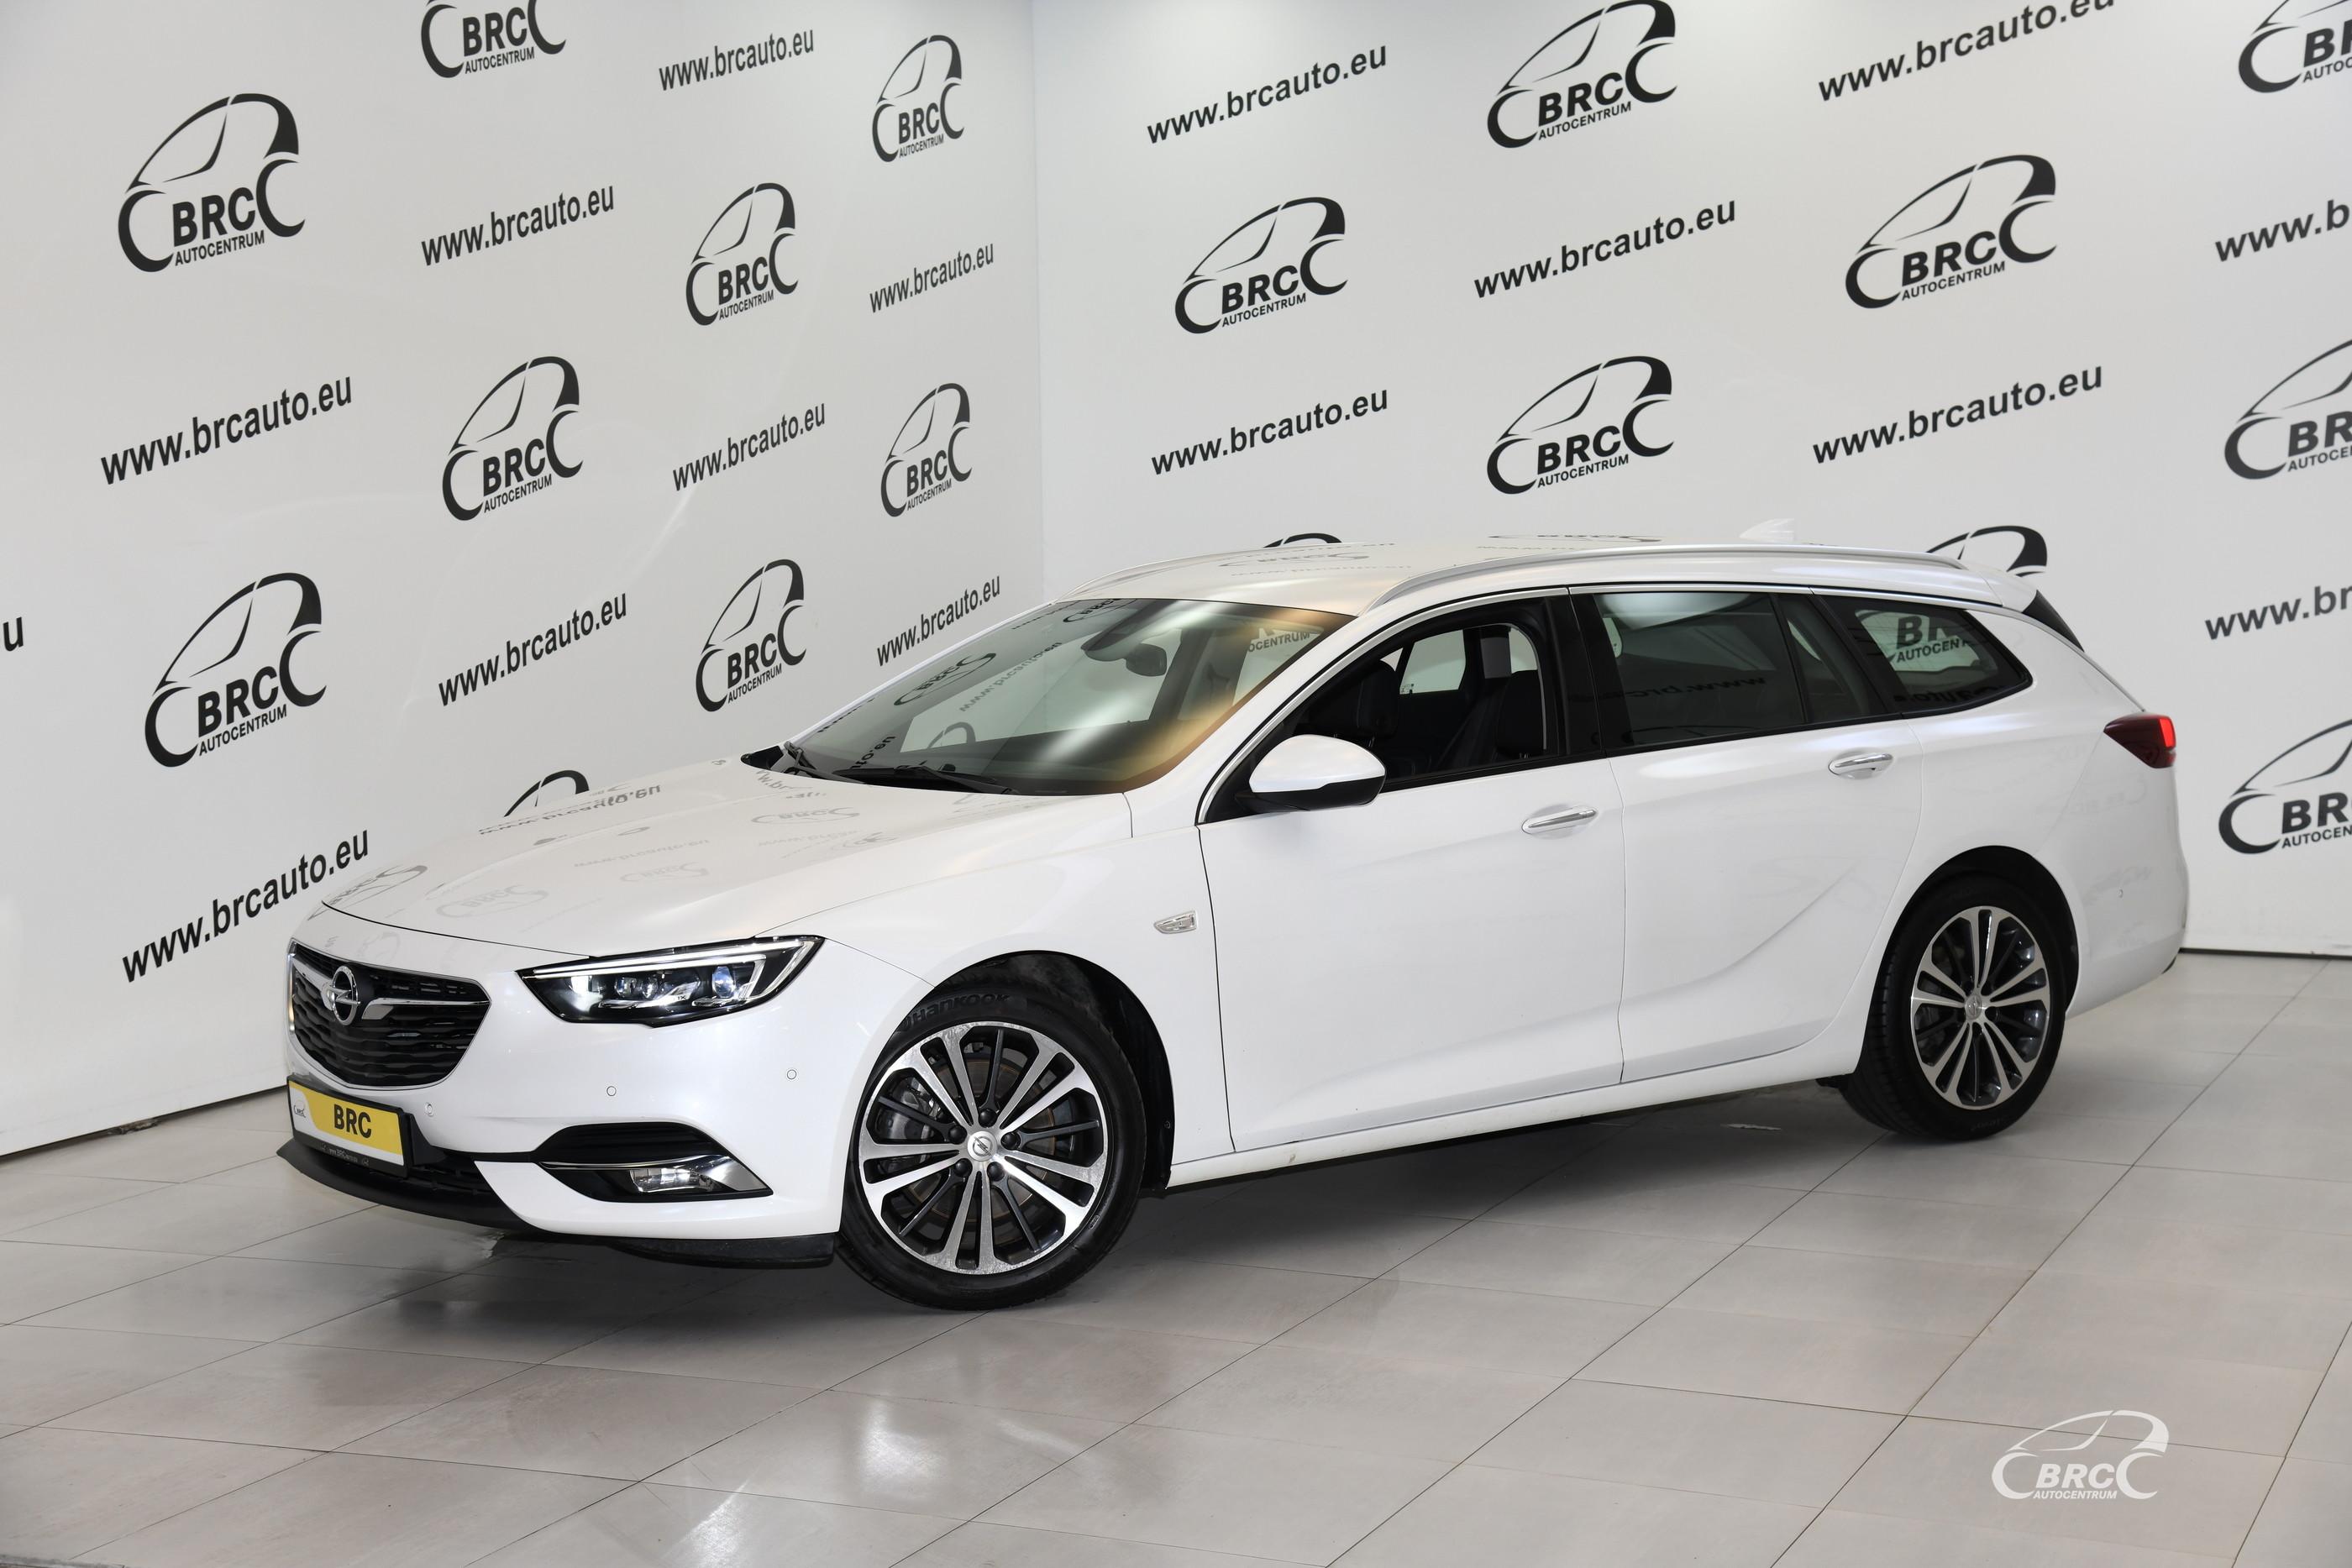 Opel Insignia 1.5 Turbo Sports Tourer Automatas